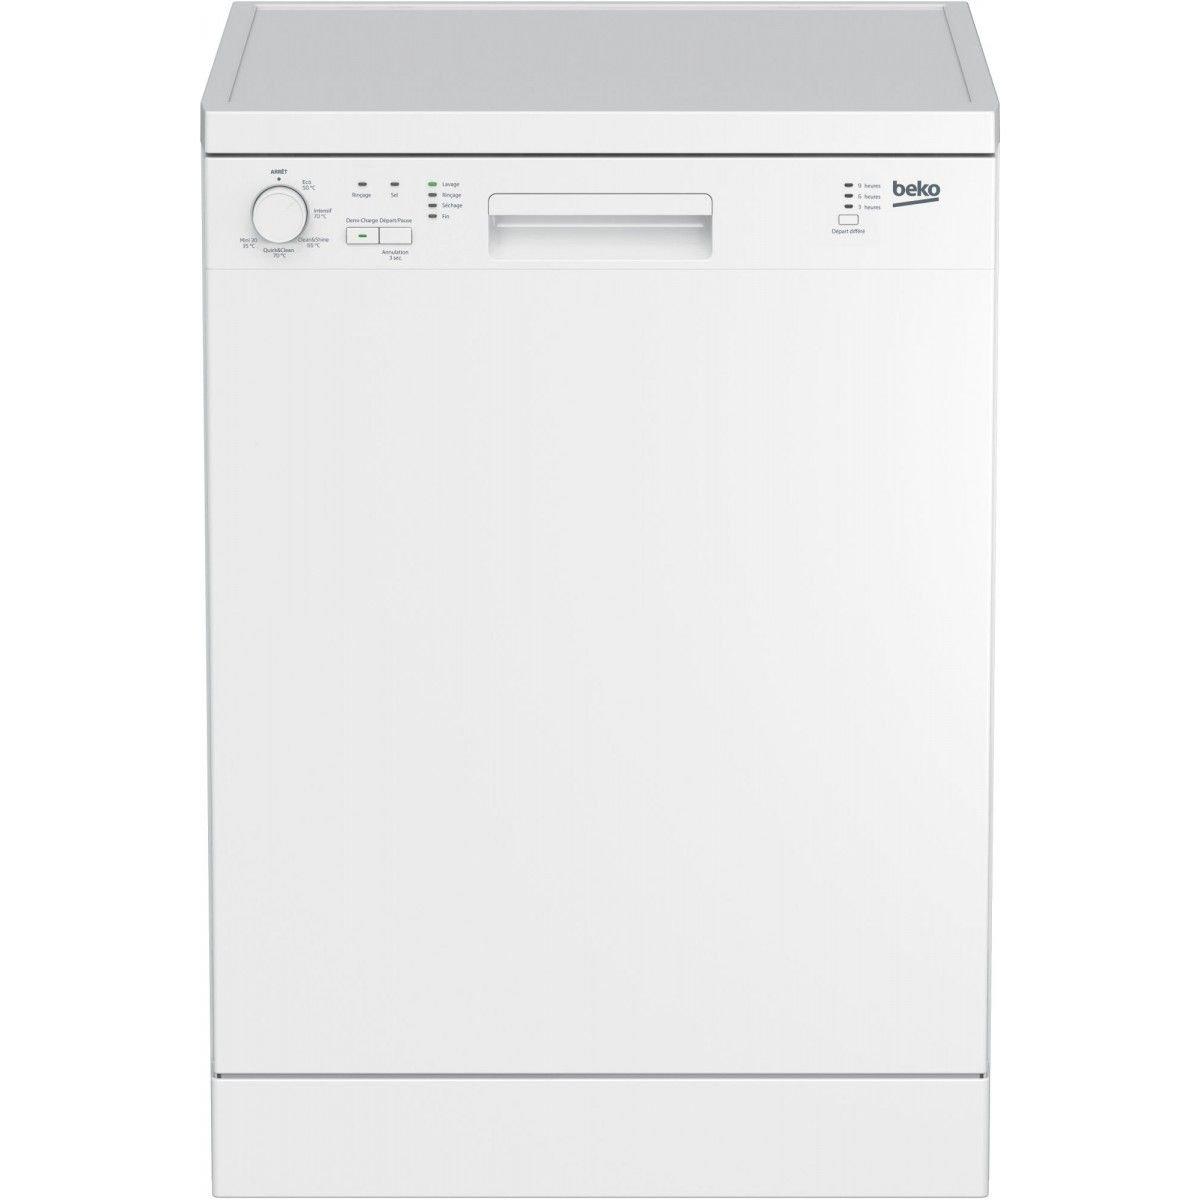 Beko DFN100 Autonome 12places A+ lave-vaisselle - Lave-vaisselles (Autonome, Blanc, Taille maximum (60 cm), Blanc, boutons, Rotatif, LED) product image